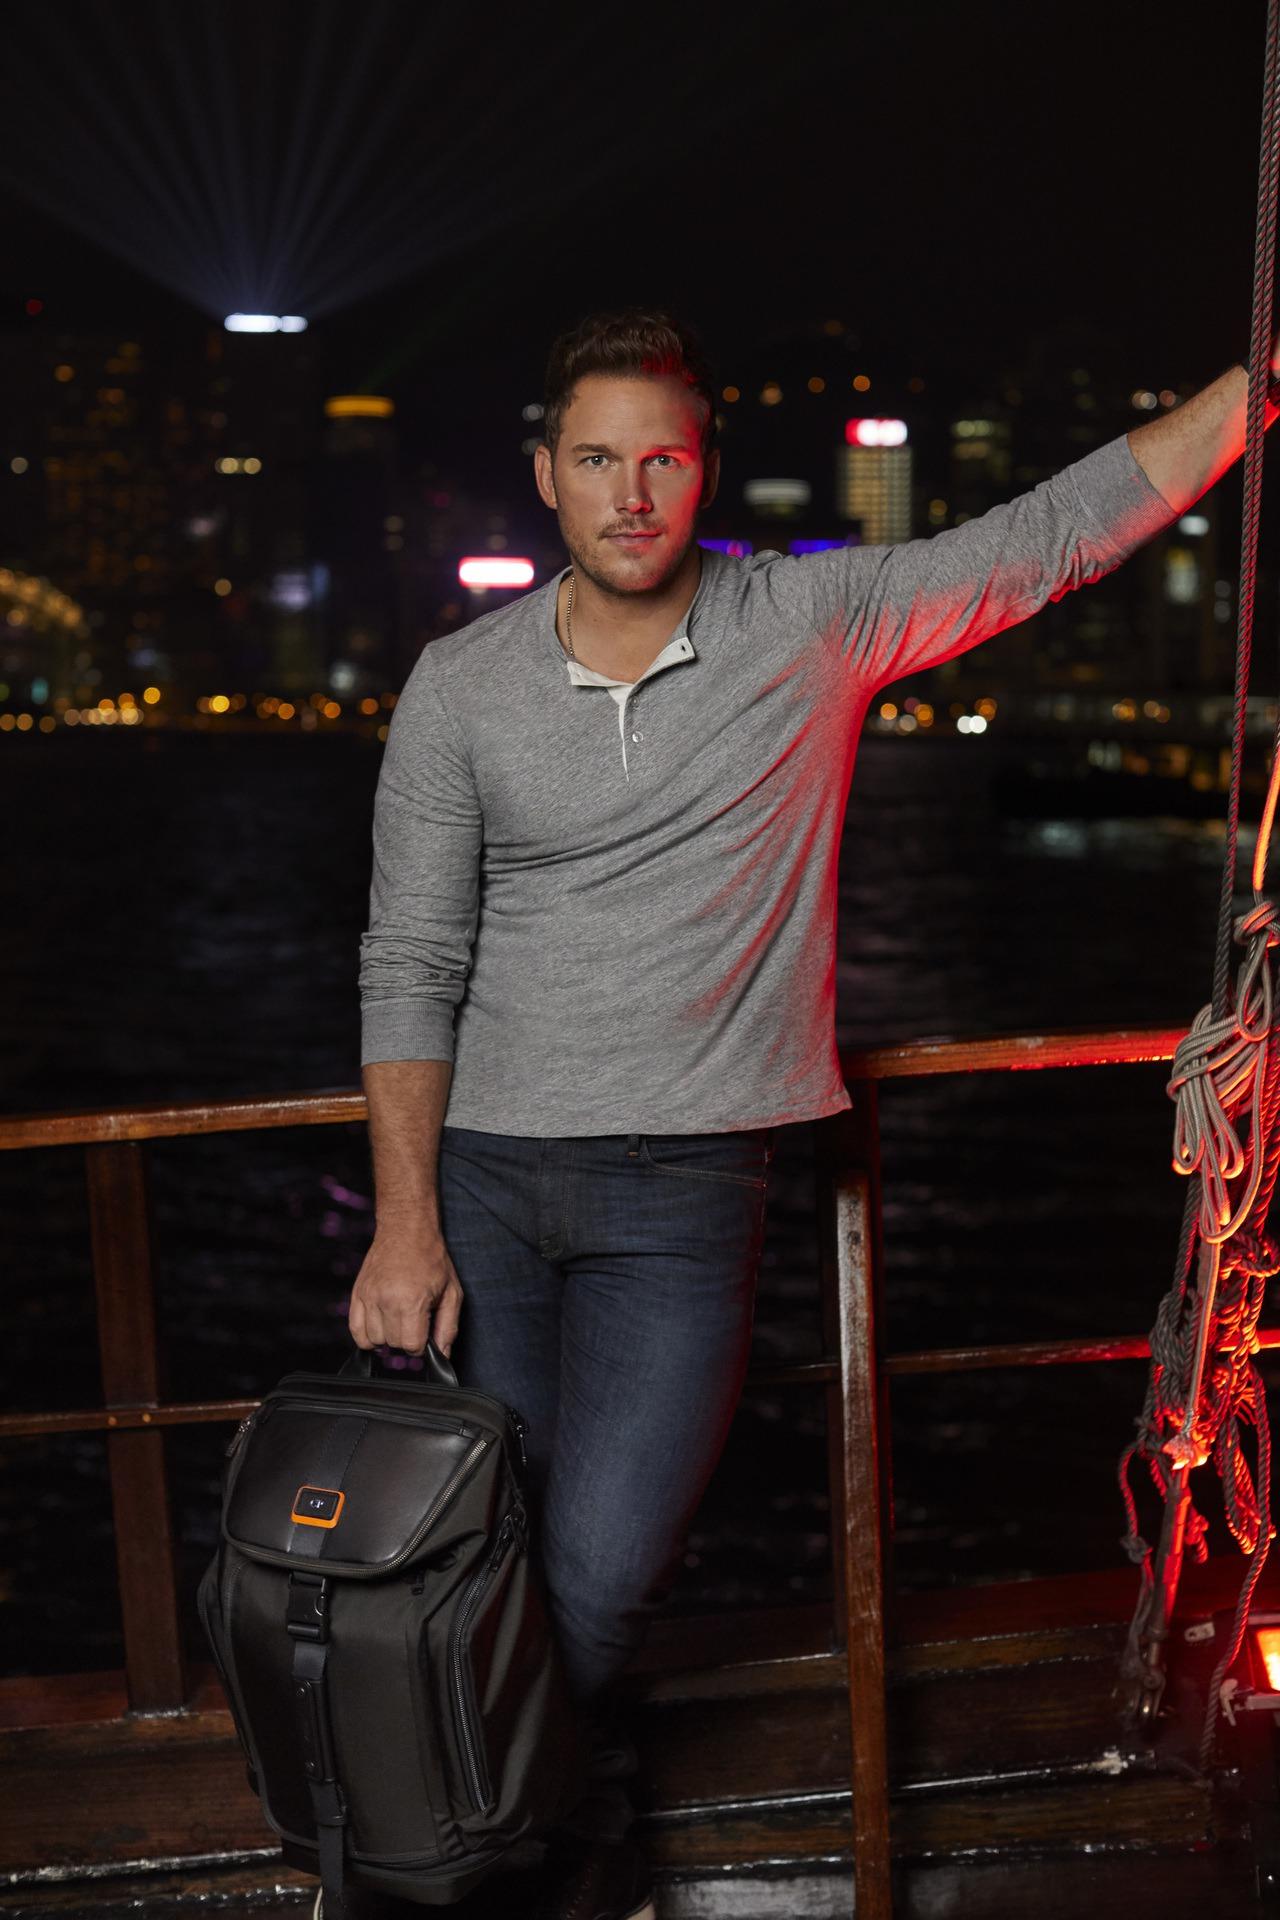 好萊塢男星Chris Pratt親自演繹與TUMI聯名後背包。圖/TUMI提供